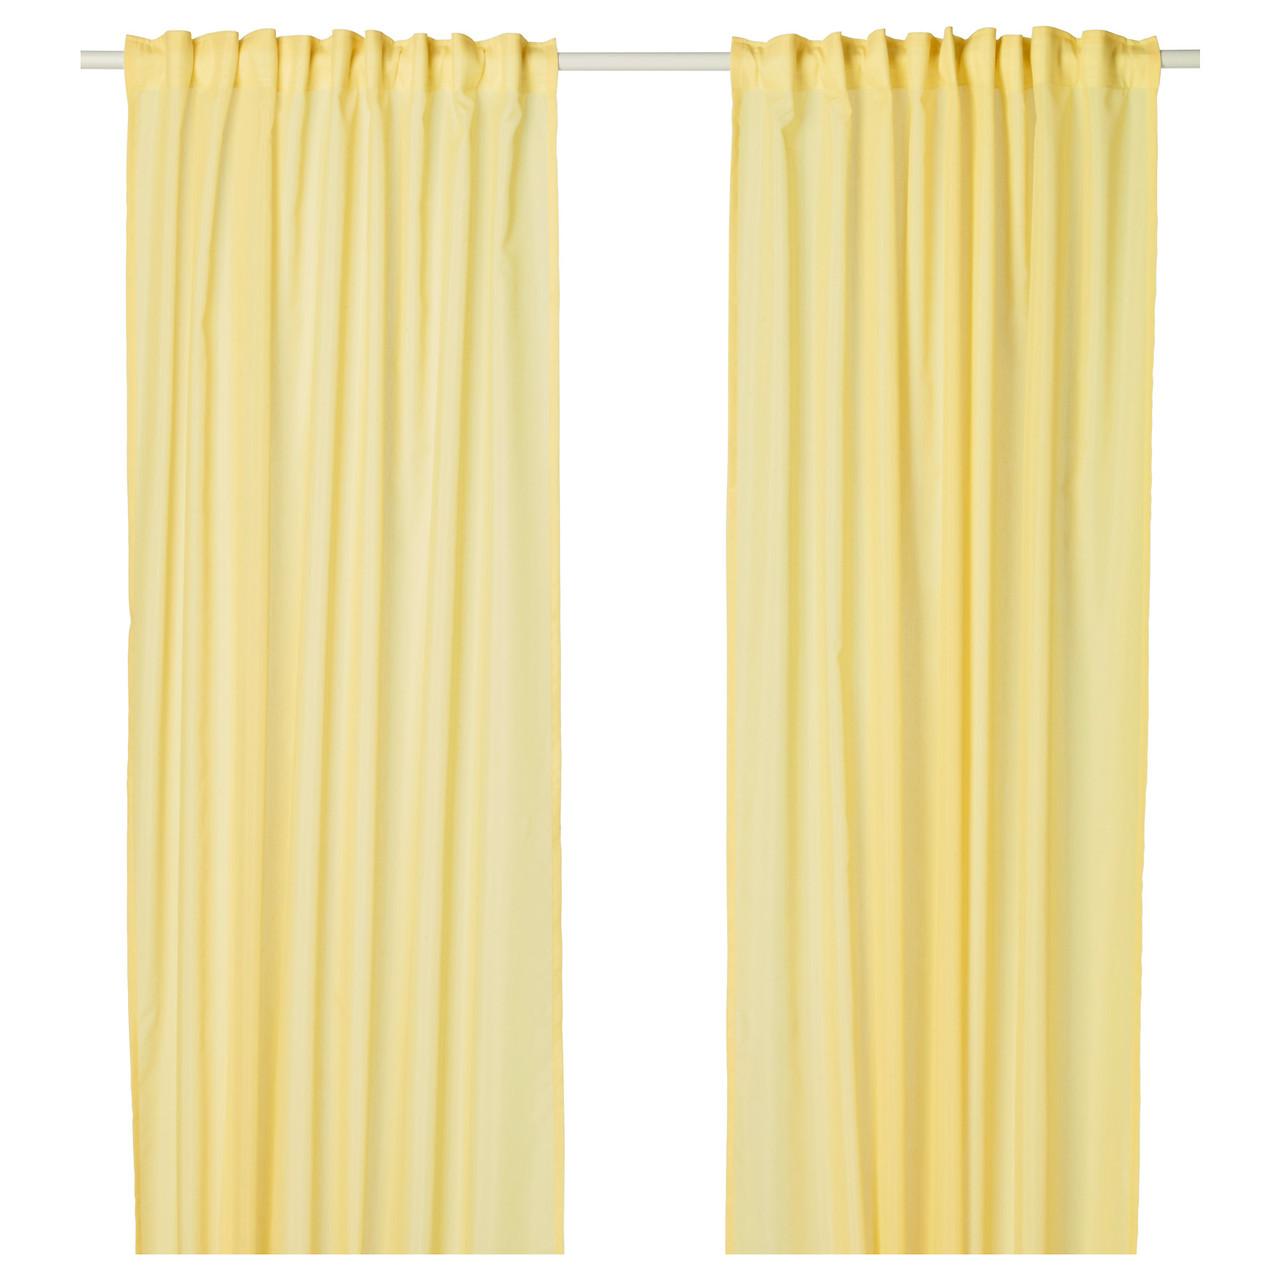 ВИВАН Гардины, 1 пара, желтый, 145x300 см 80389327 ИКЕА, IKEA, VIVAN